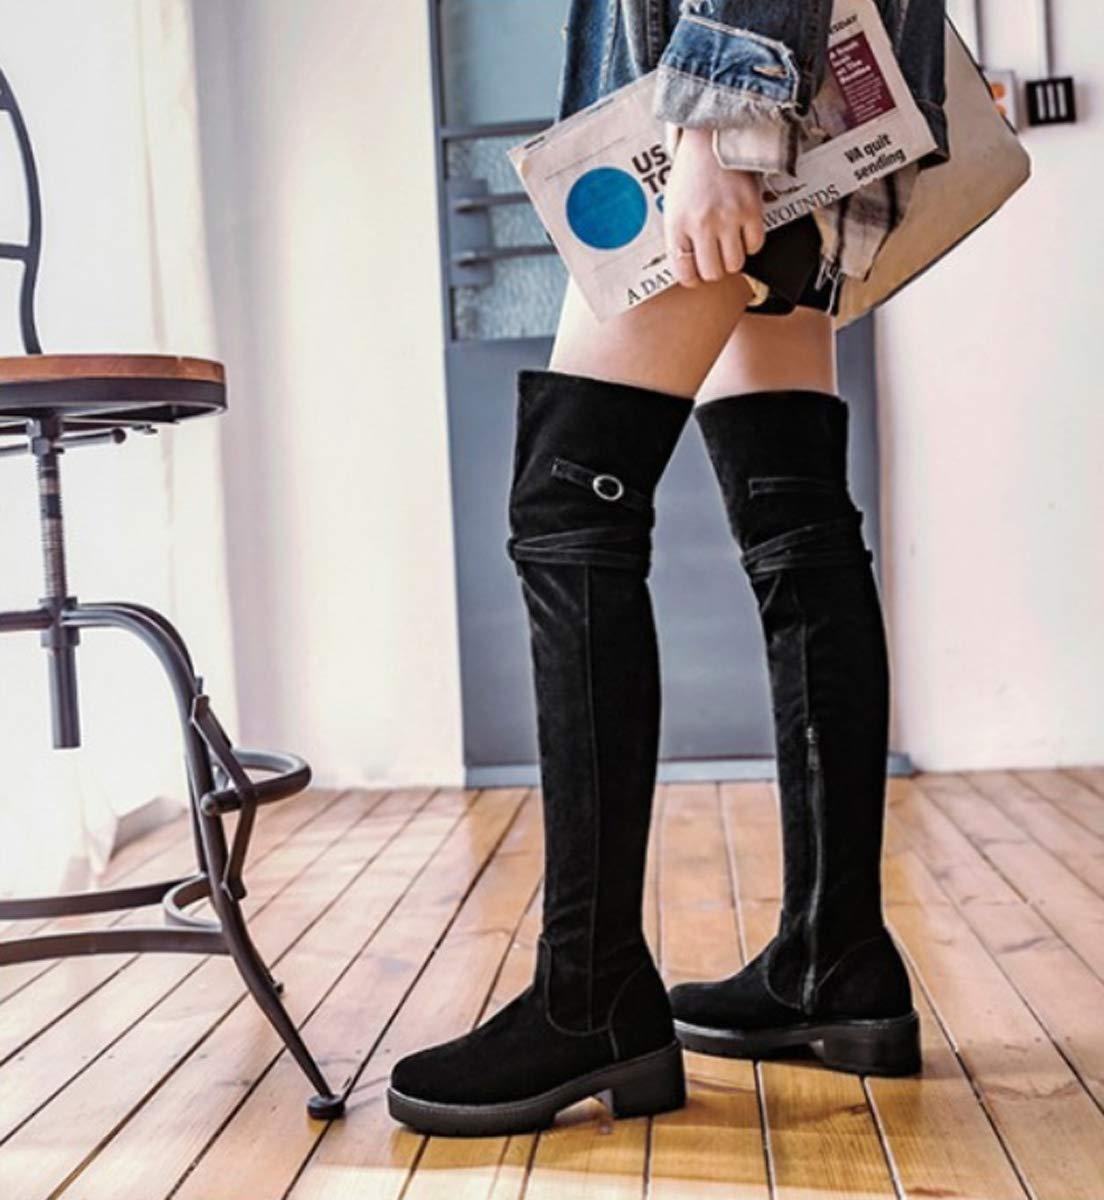 DANDANJIE Over The Knee Stiefel damen es schuhe schuhe schuhe Winter Fashion Stiefel Student Knight Stiefel schwarz ee874c